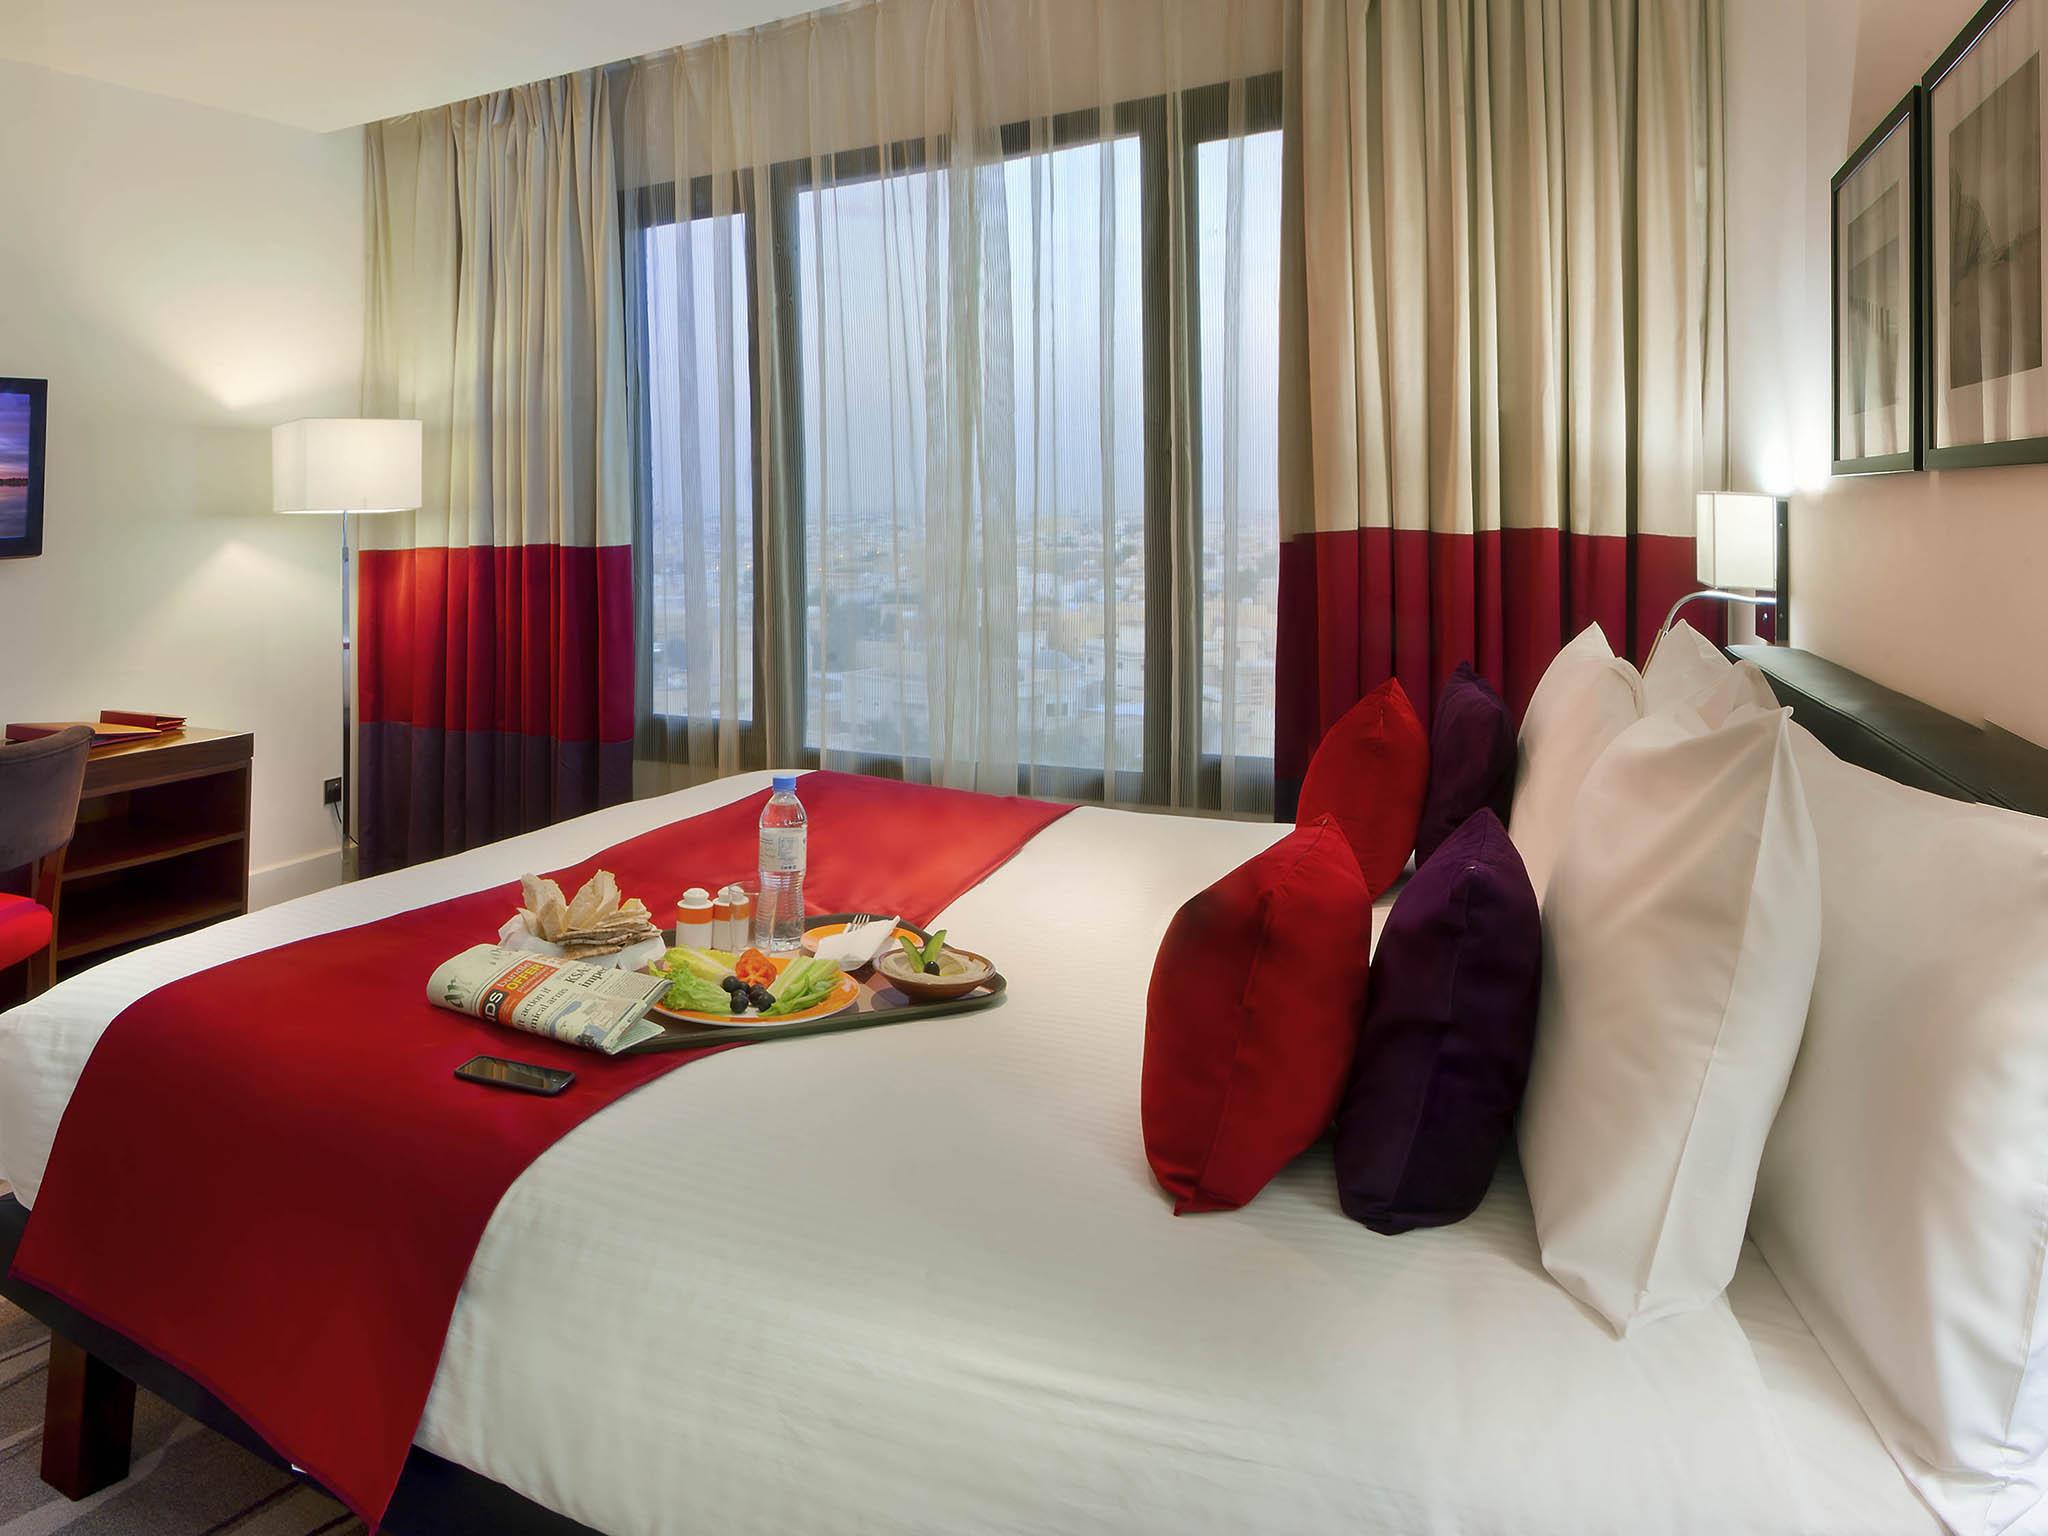 Hotel Nova Kd Comfort Hotel In Riyadh Novotel Suites Riyadh Olaya